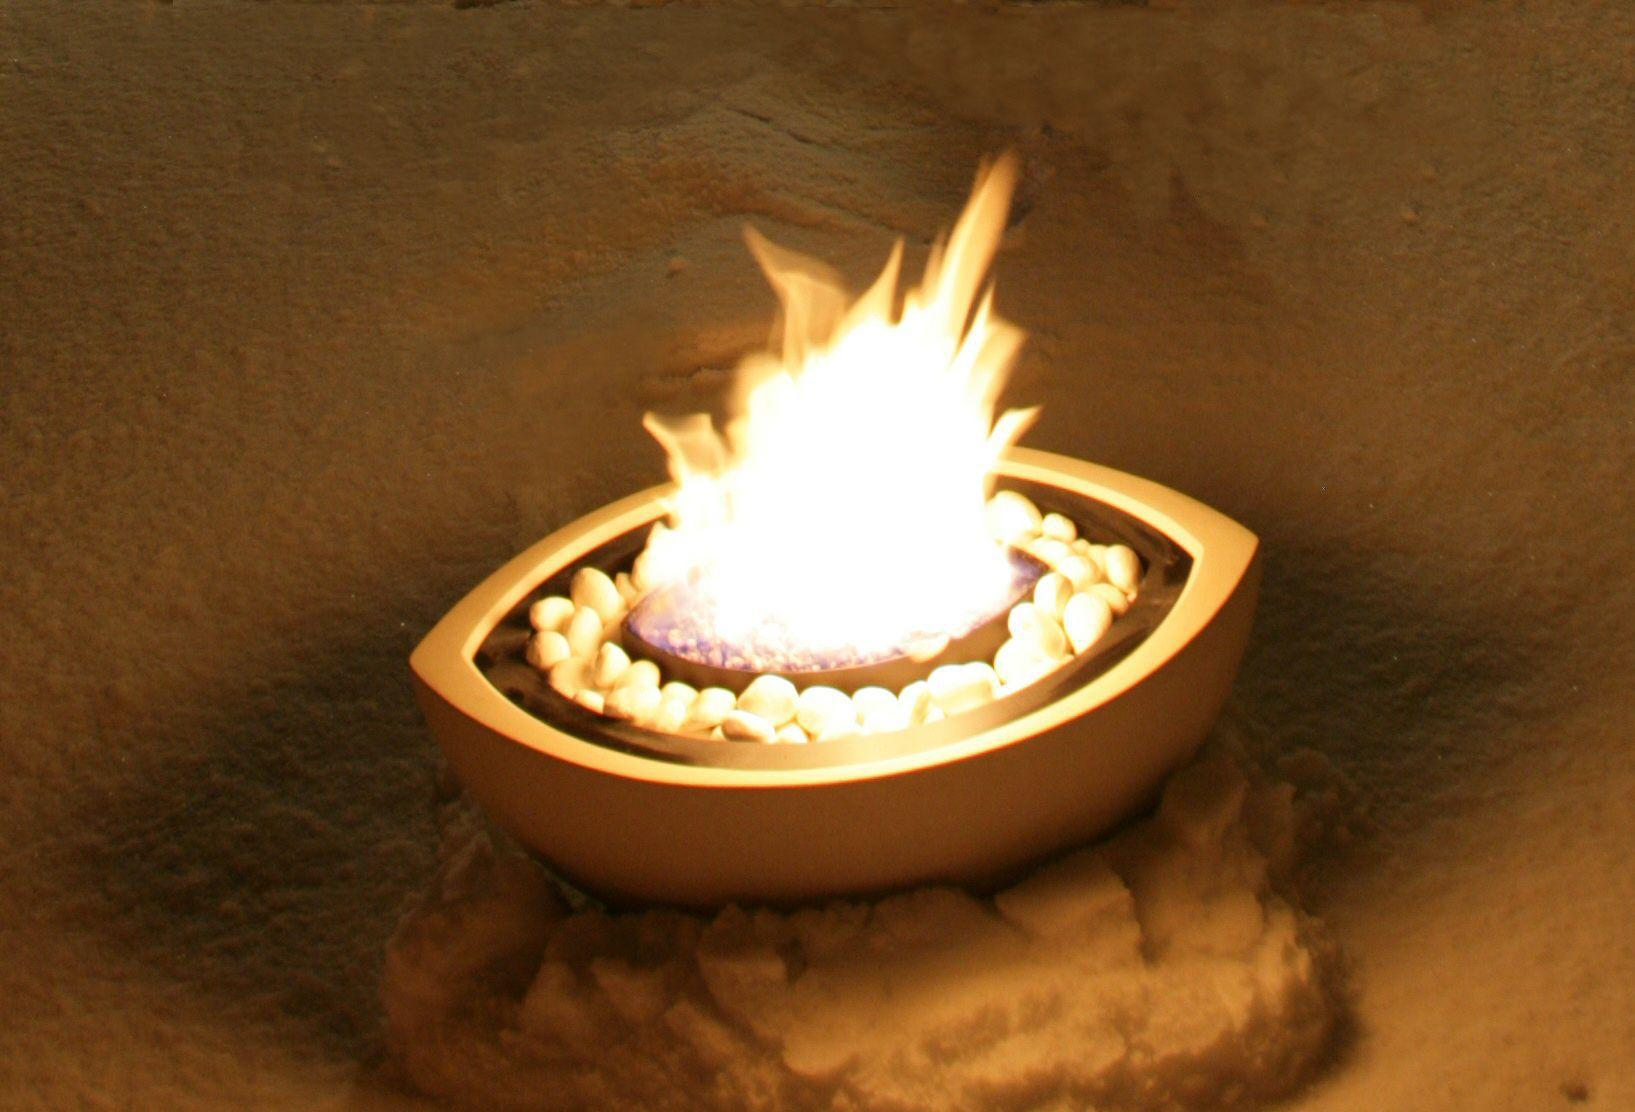 bioethanol fireplace contemporary original design